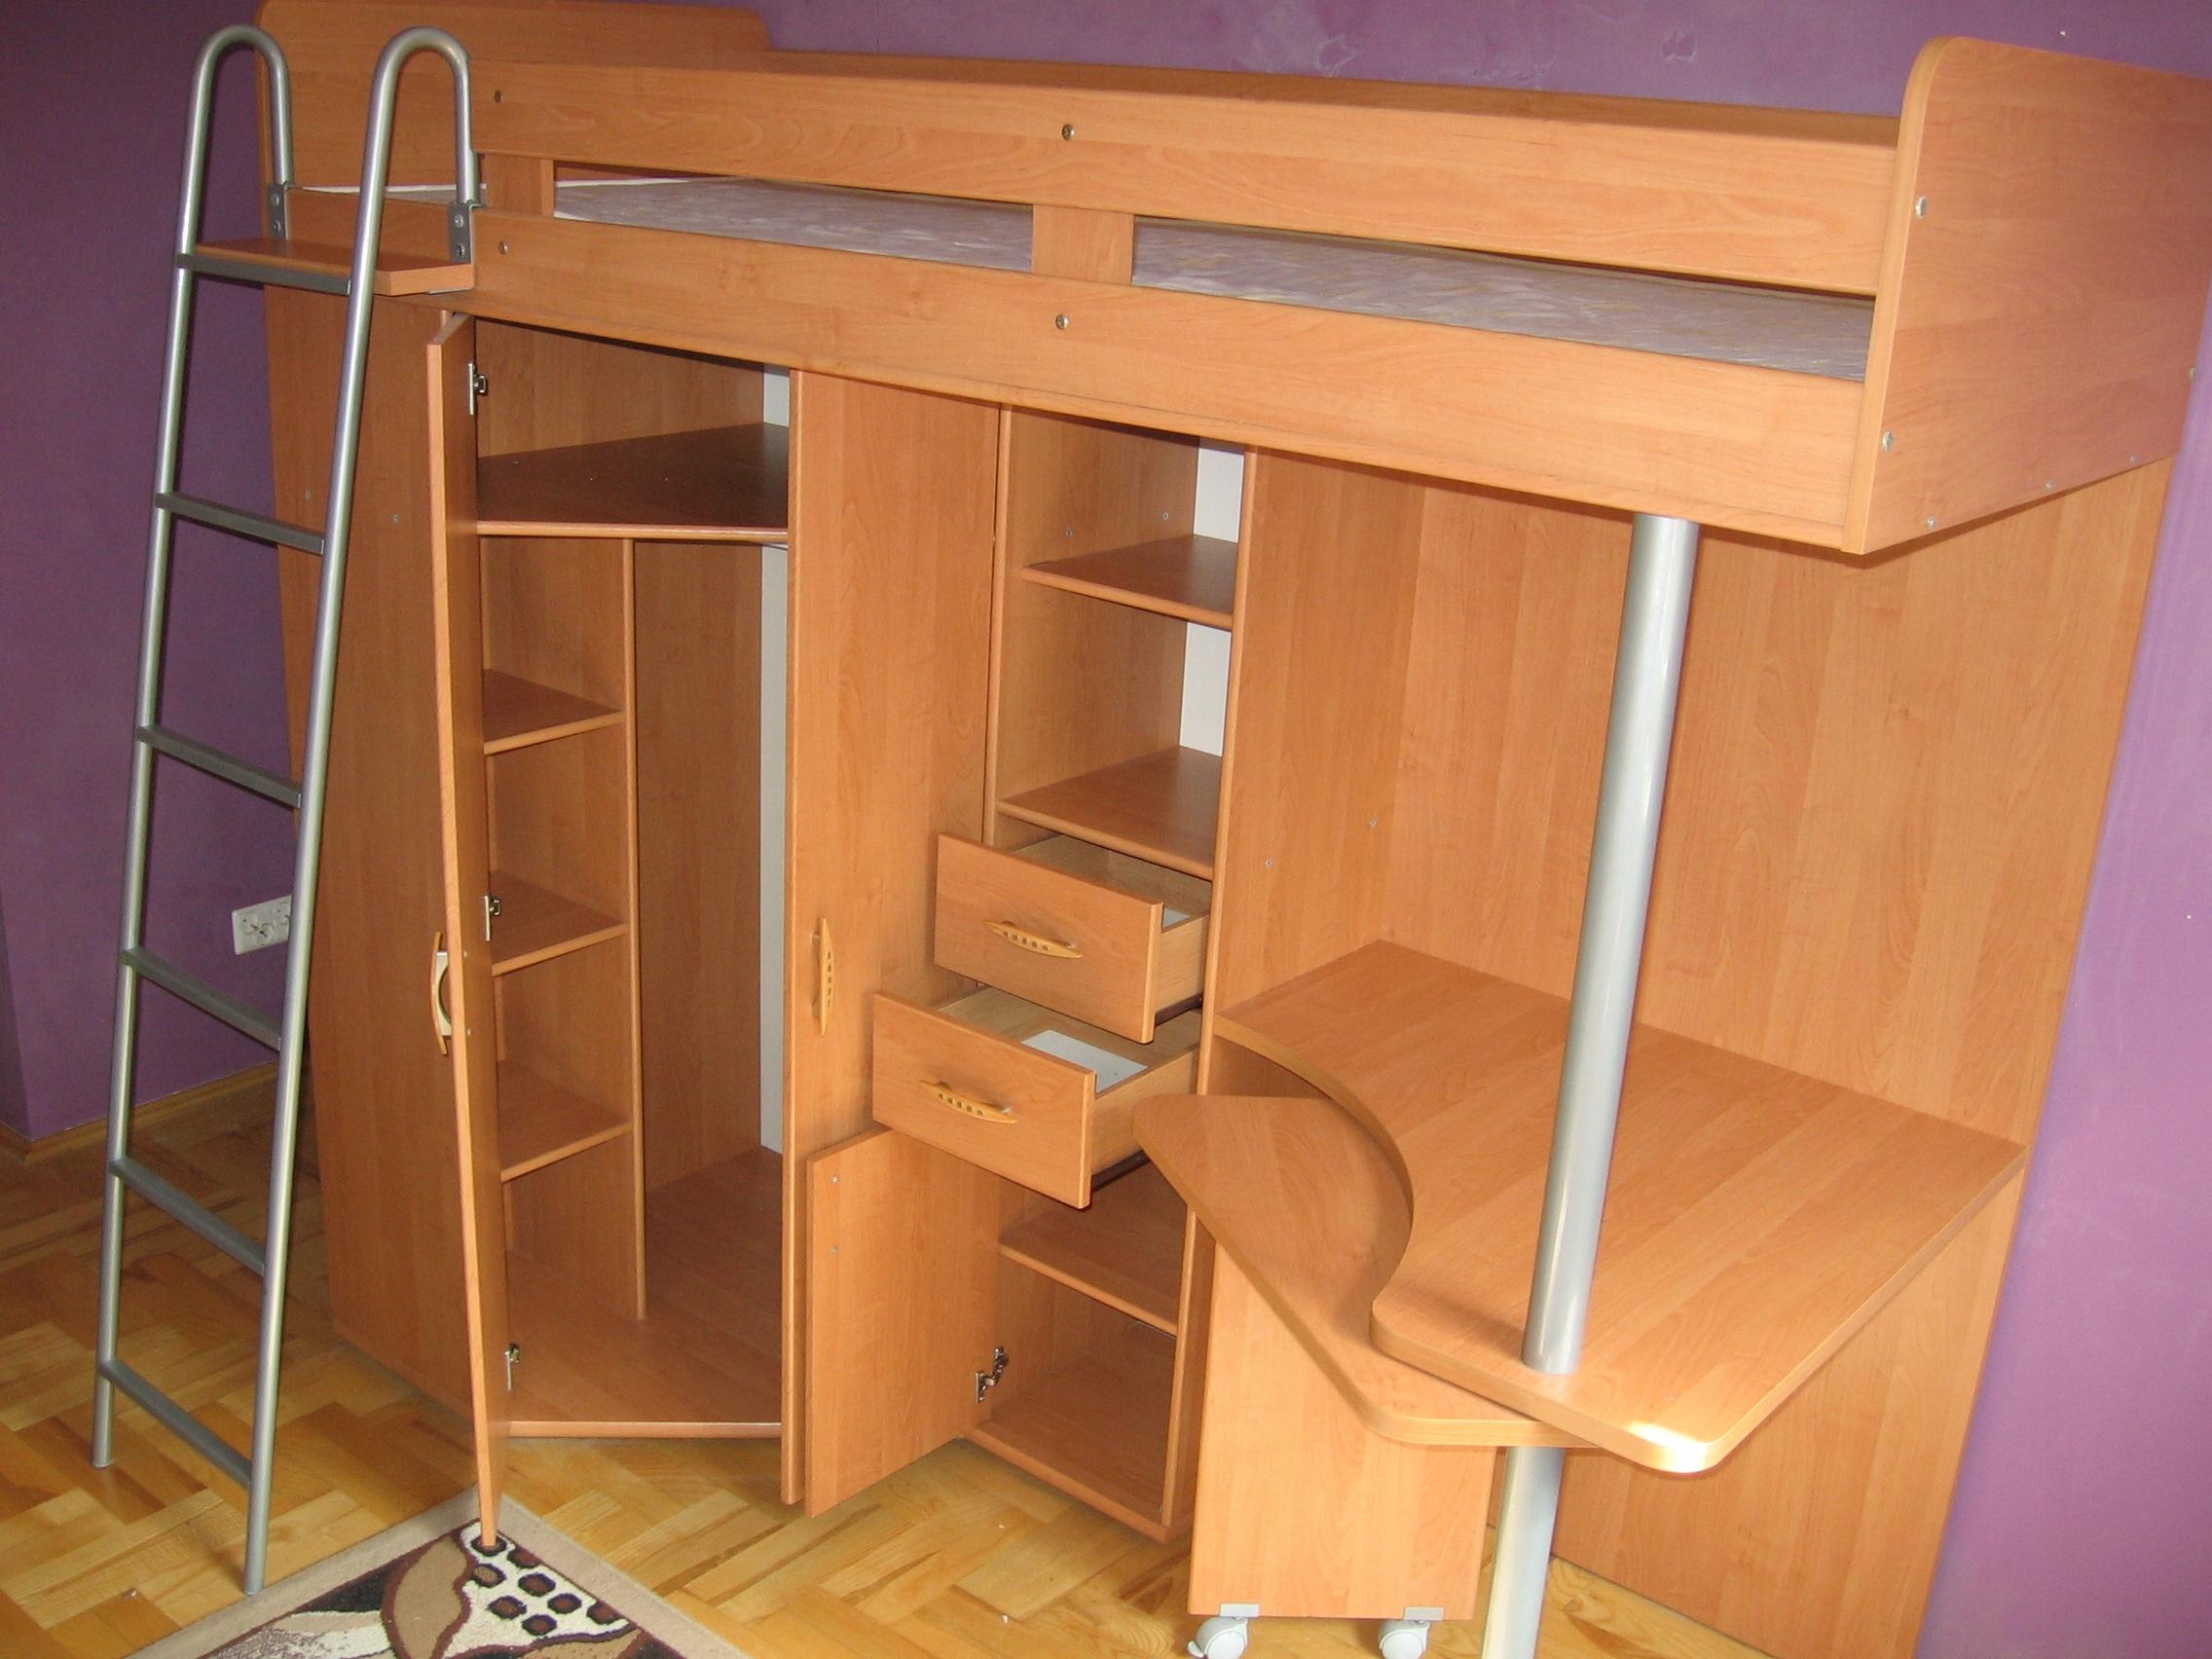 łóżko Piętrowe Z Szafą I Biurkiem 7459090628 Oficjalne Archiwum